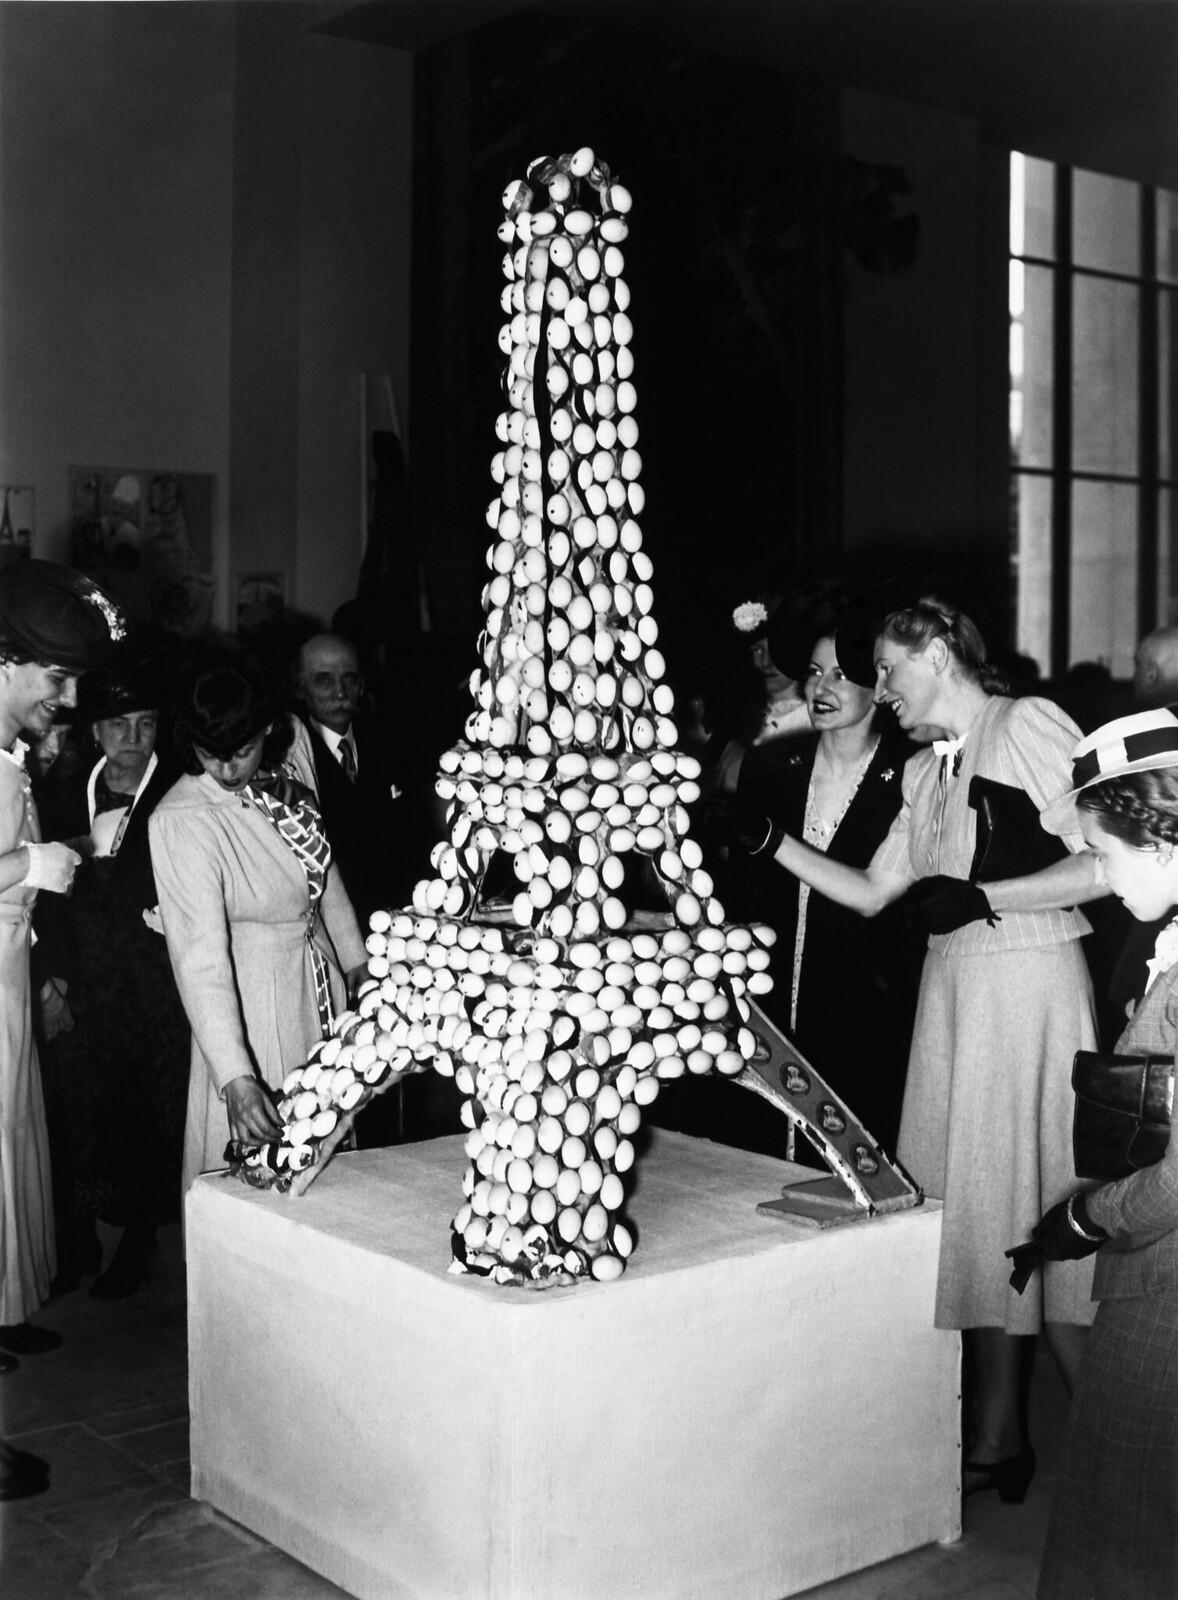 20. 1939. Эйфелева башня, сделанная из яиц, на 50-ю годовщину строительства Эйфелевой башни